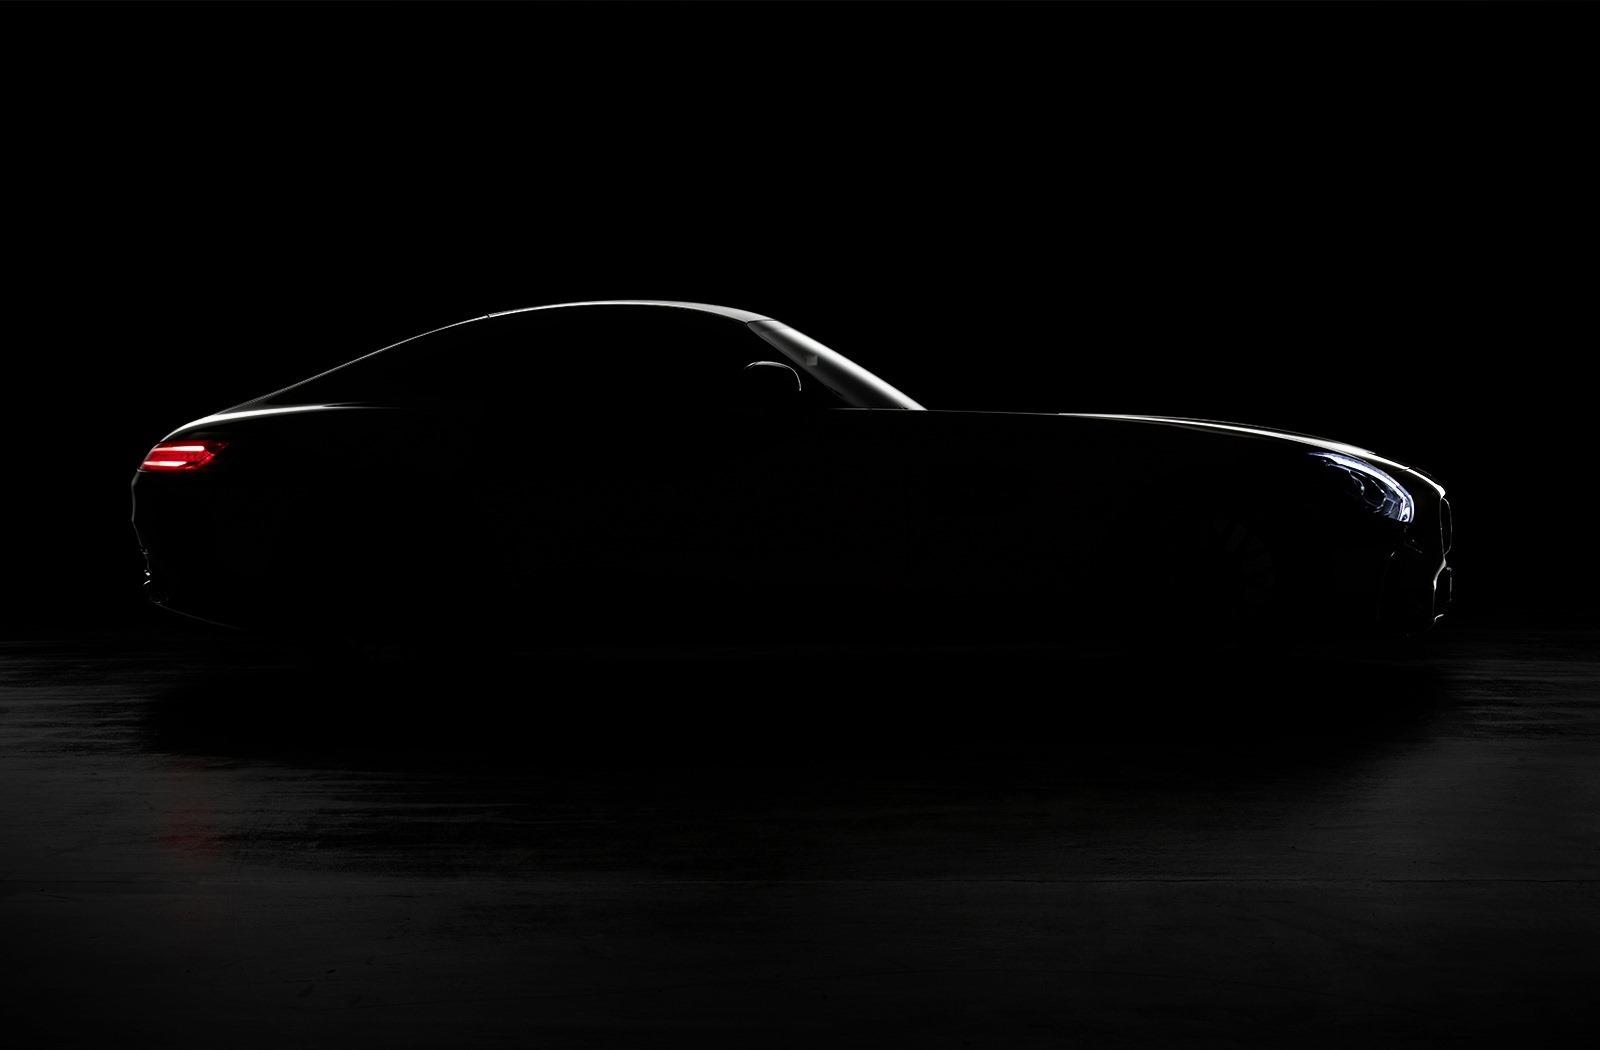 Mercedes AMG GT Exterior 2014 01